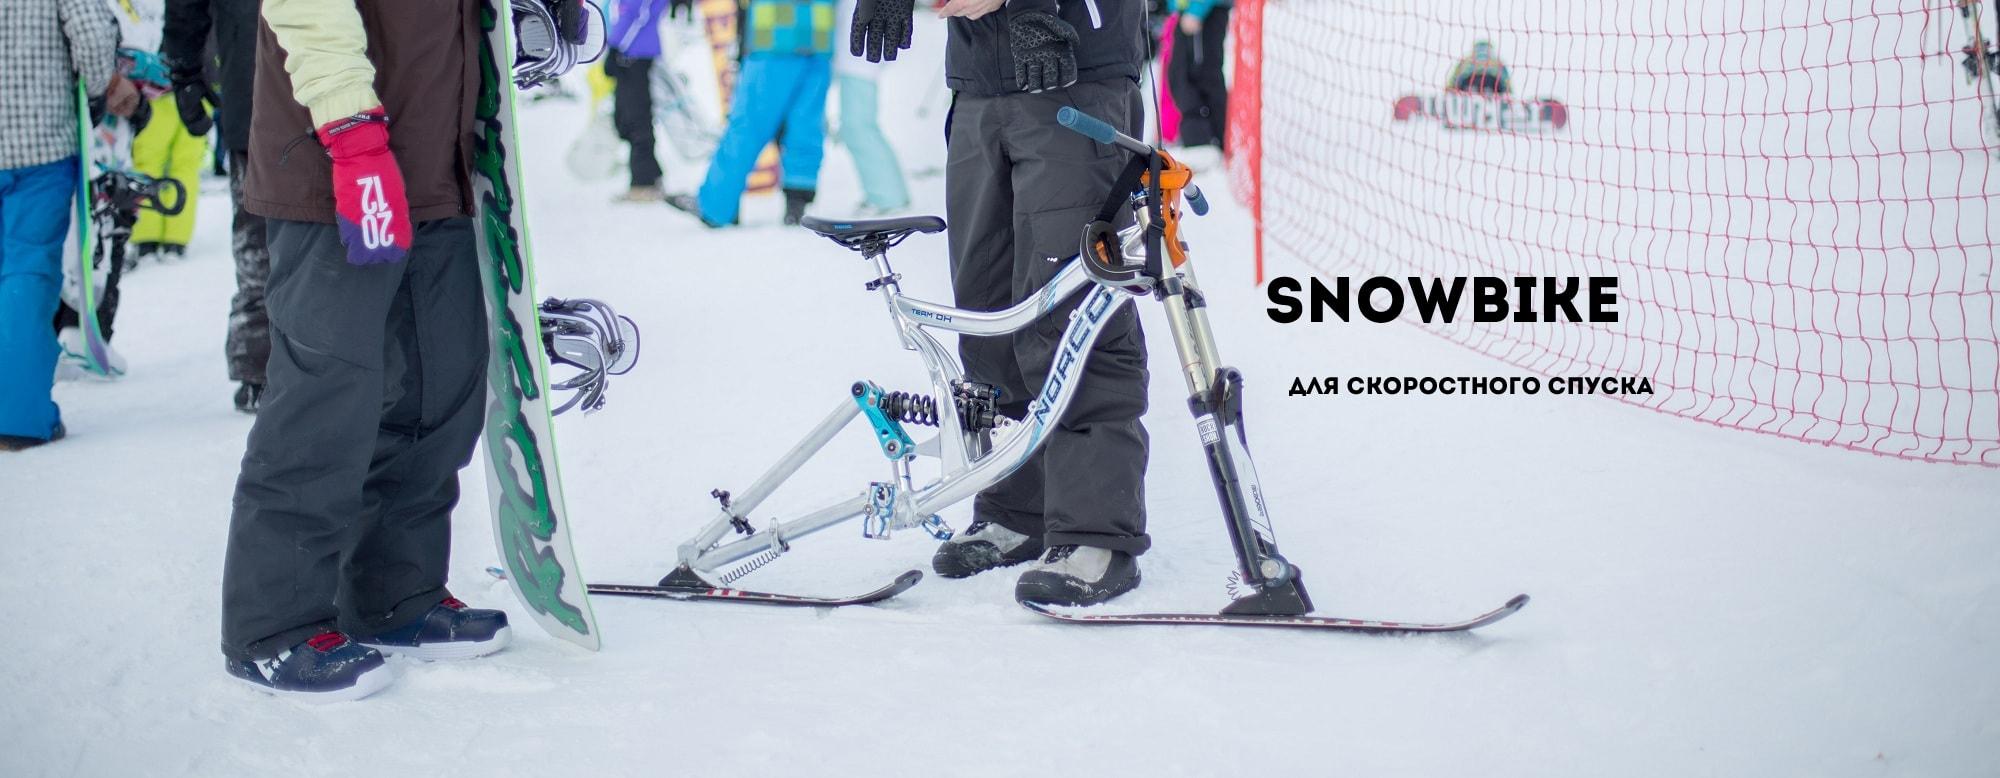 Snowbike_5